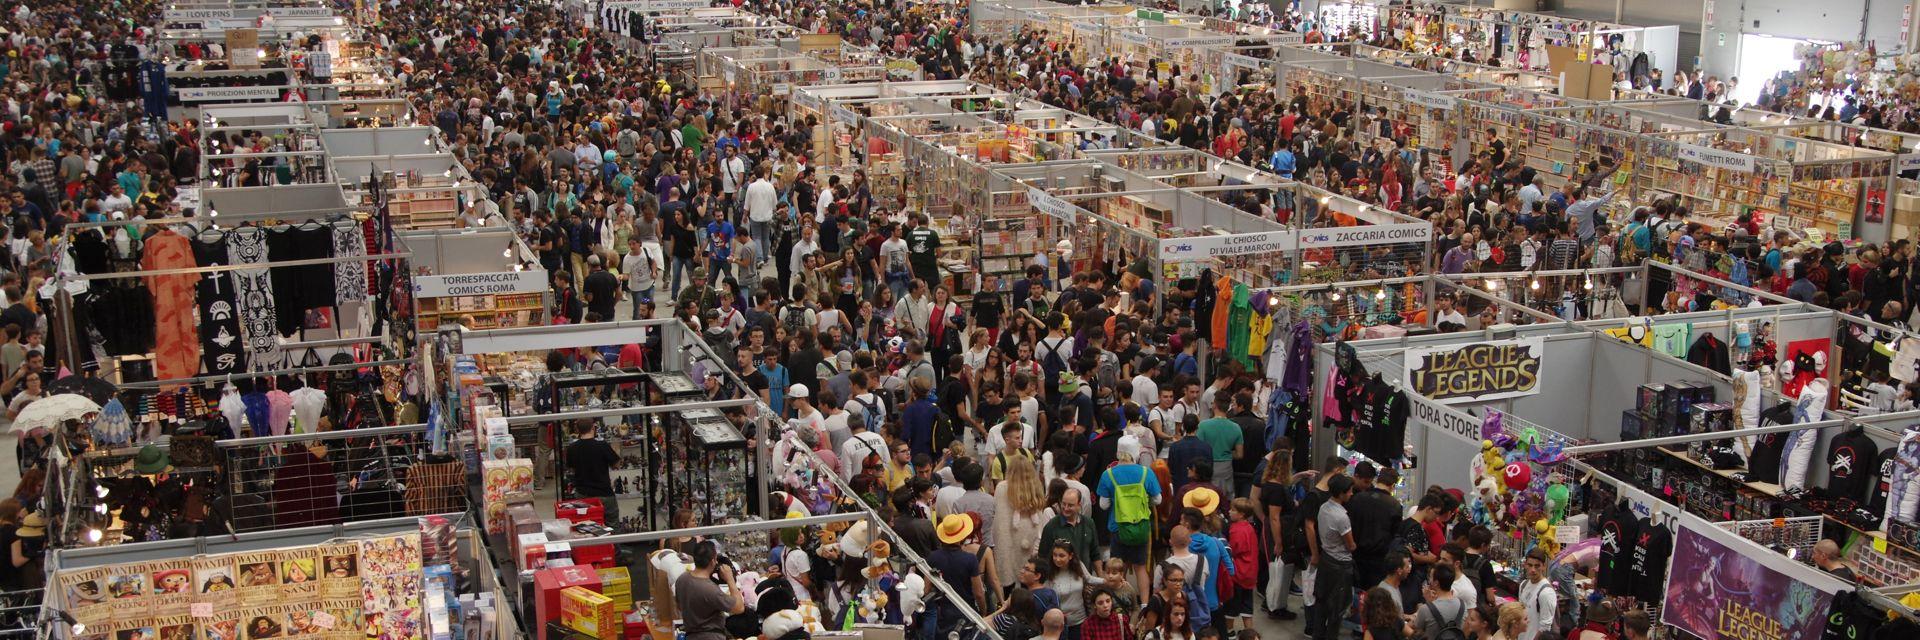 Folla ai padiglioni del Romics, evento cosplay che si tiene alla Fiera di Roma